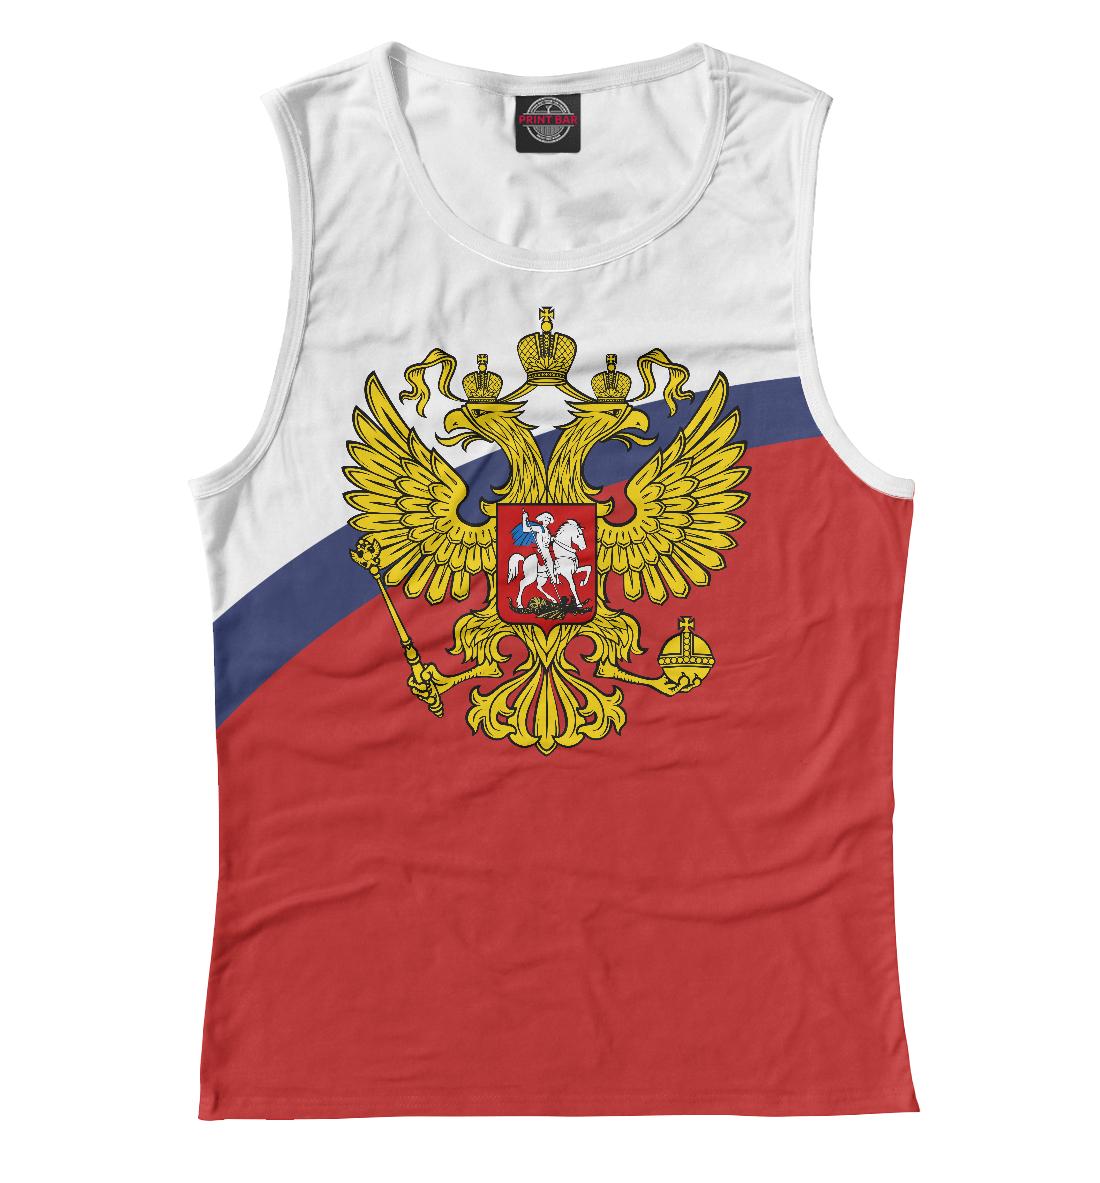 Купить Россия Триколор, Printbar, Майки, SRF-545841-may-1